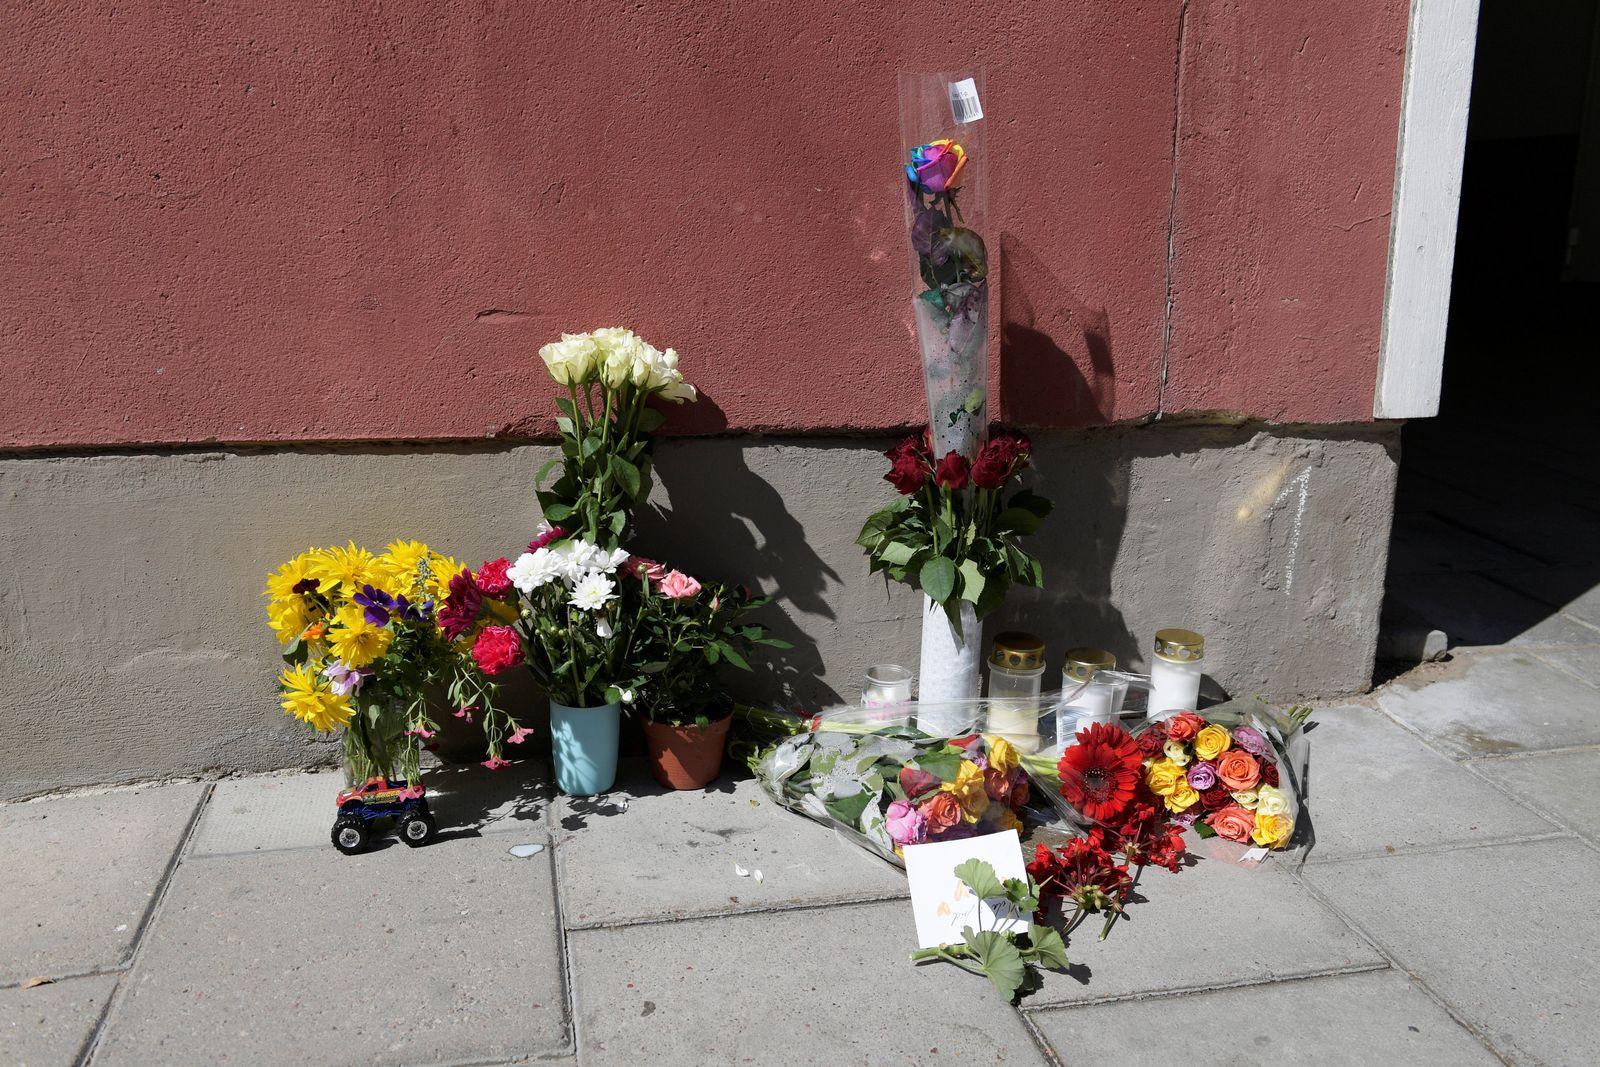 Schweden/ Mann mit Down-Syndrom von Polizei erschossen